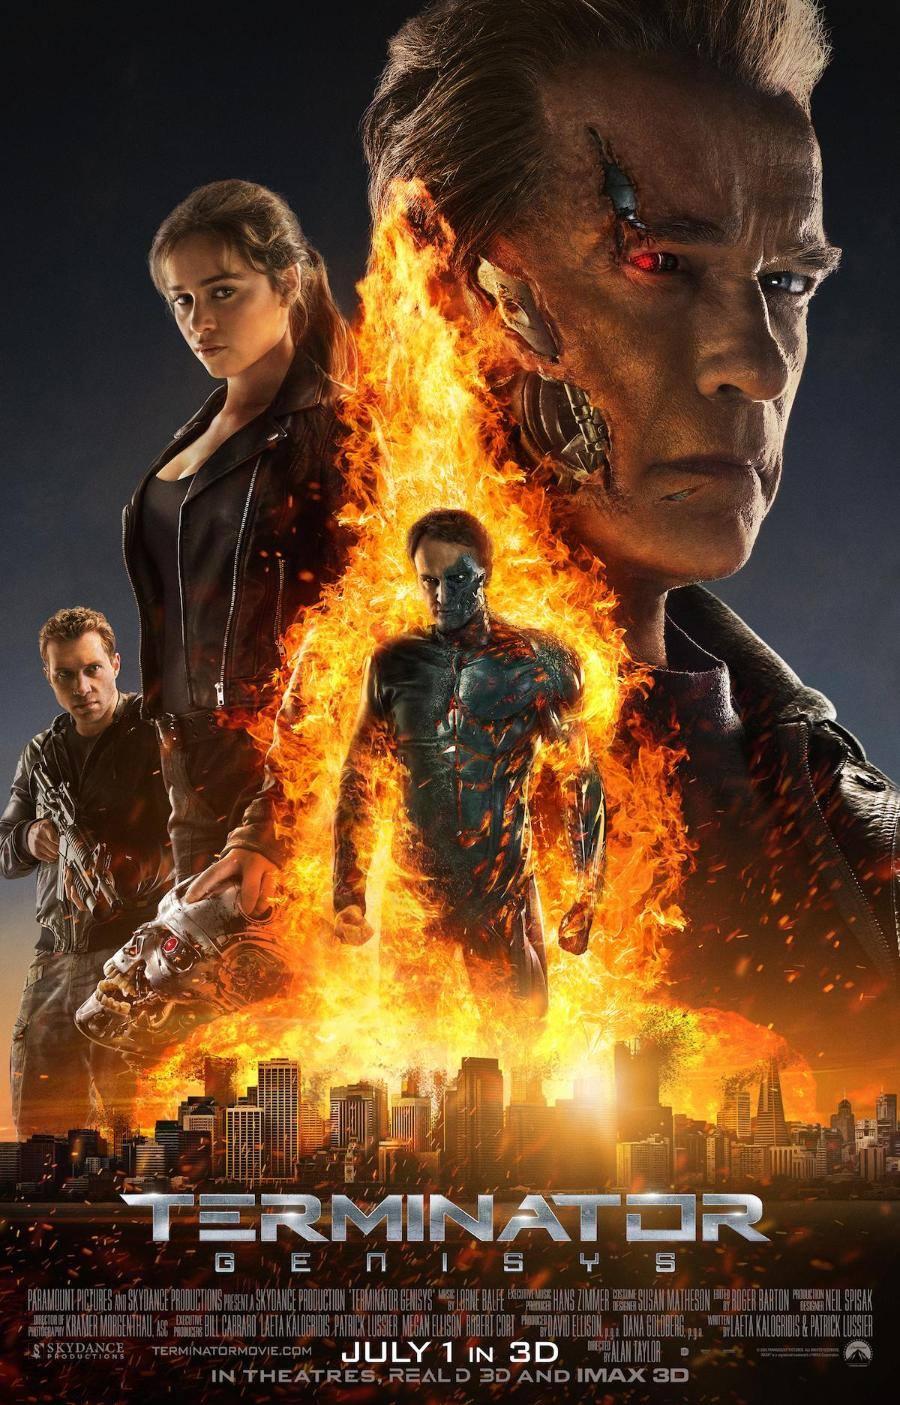 Terminator: Genisys - Un nuovo poster del film diretto da Alan Taylor